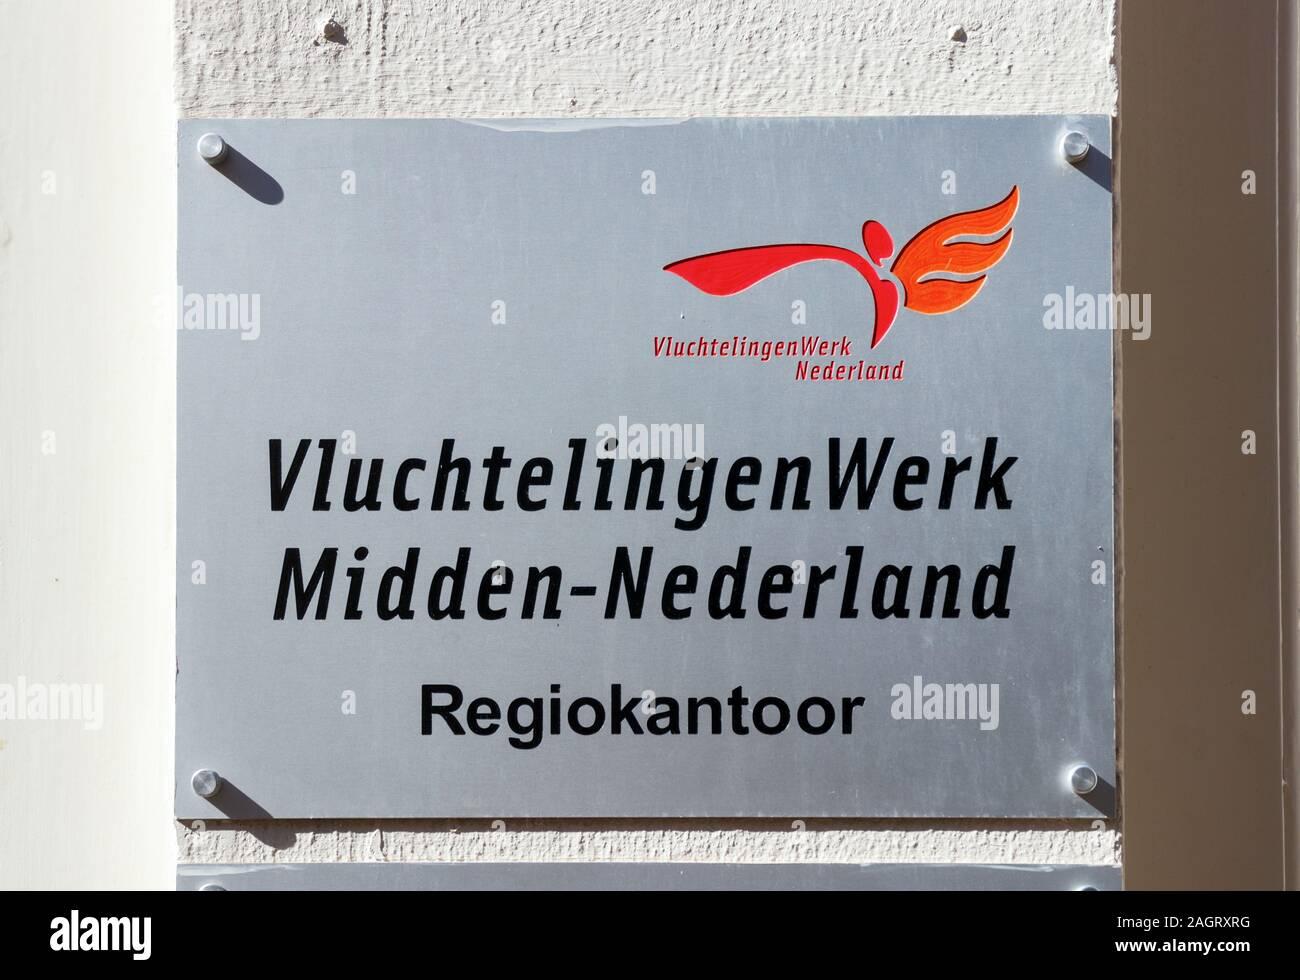 Firmar en la oficina Midden-Nederland Vluchtelingenwerk (Consejo Holandés para los Refugiados Oriente bajos). El Consejo defiende los intereses de los solicitantes de asilo. Foto de stock